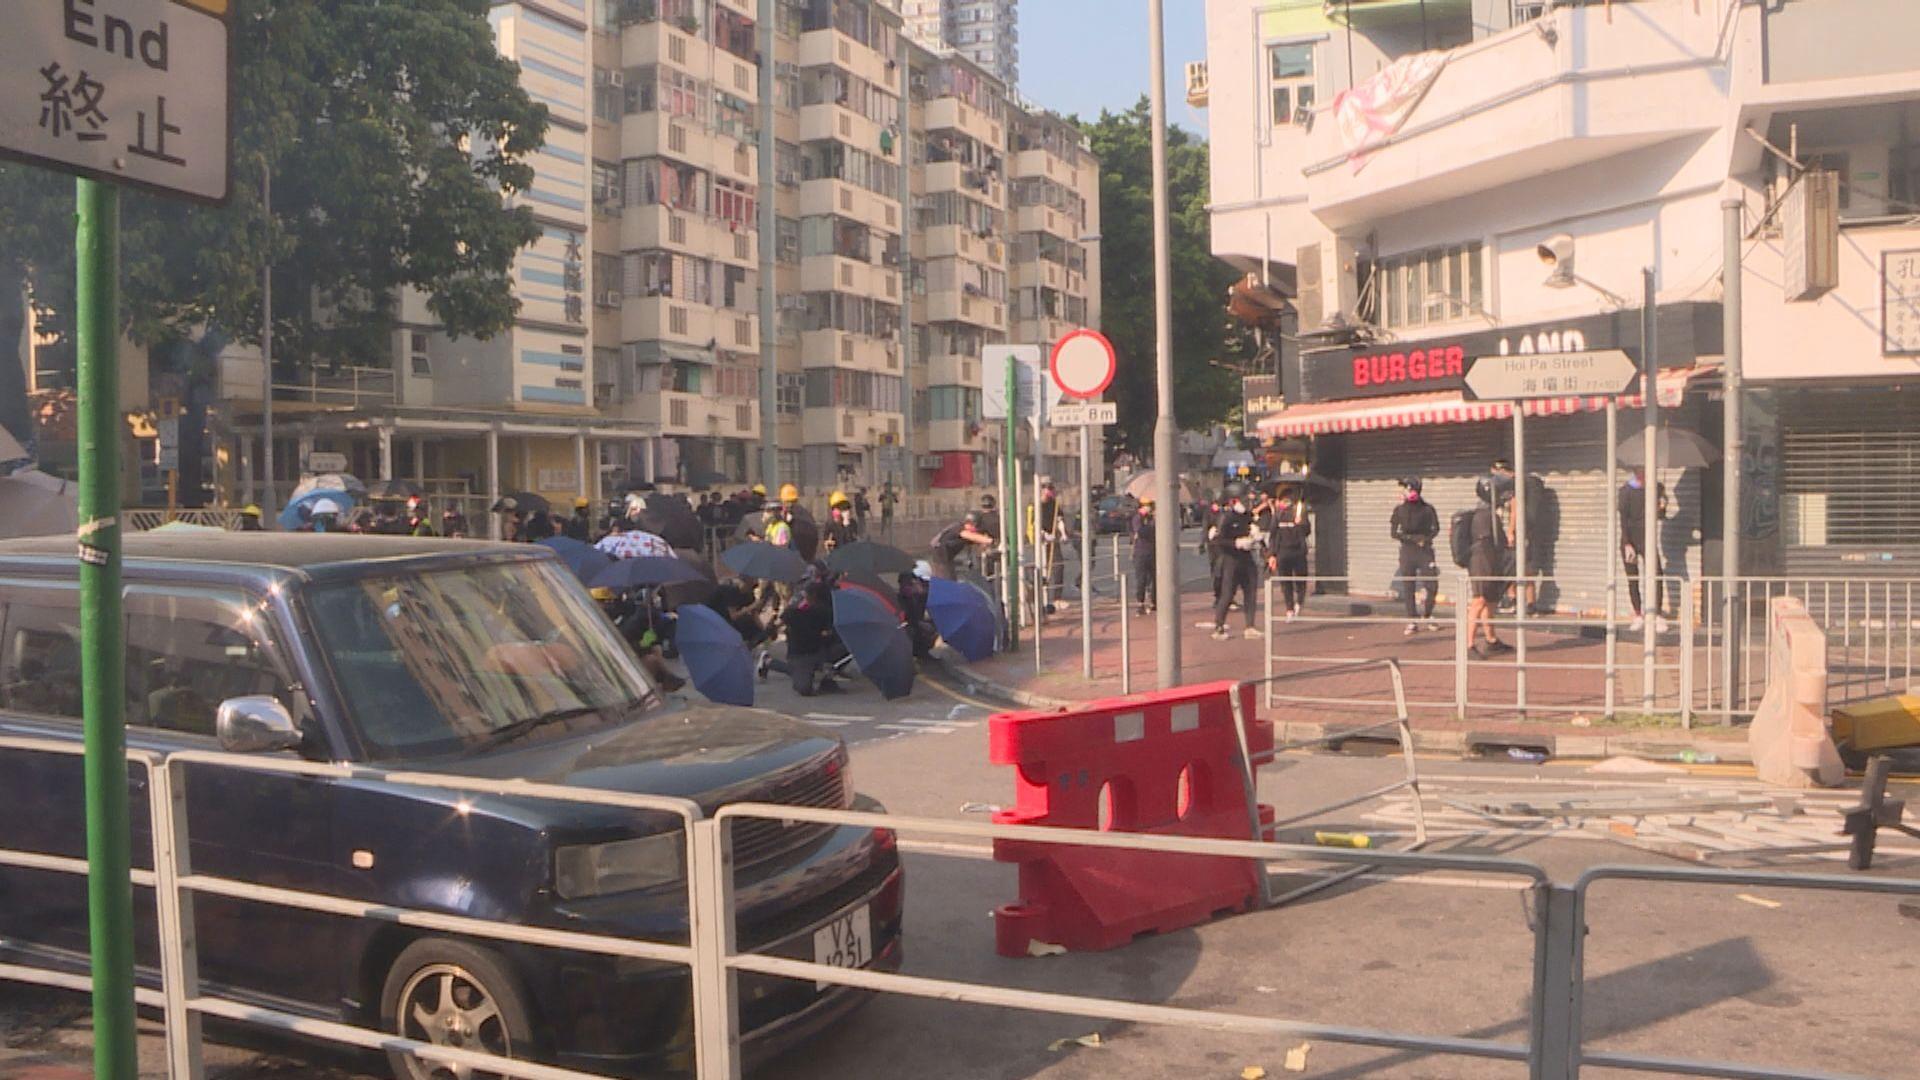 前年國慶暴動案四人罪成 法官:案件是一場小型戰爭